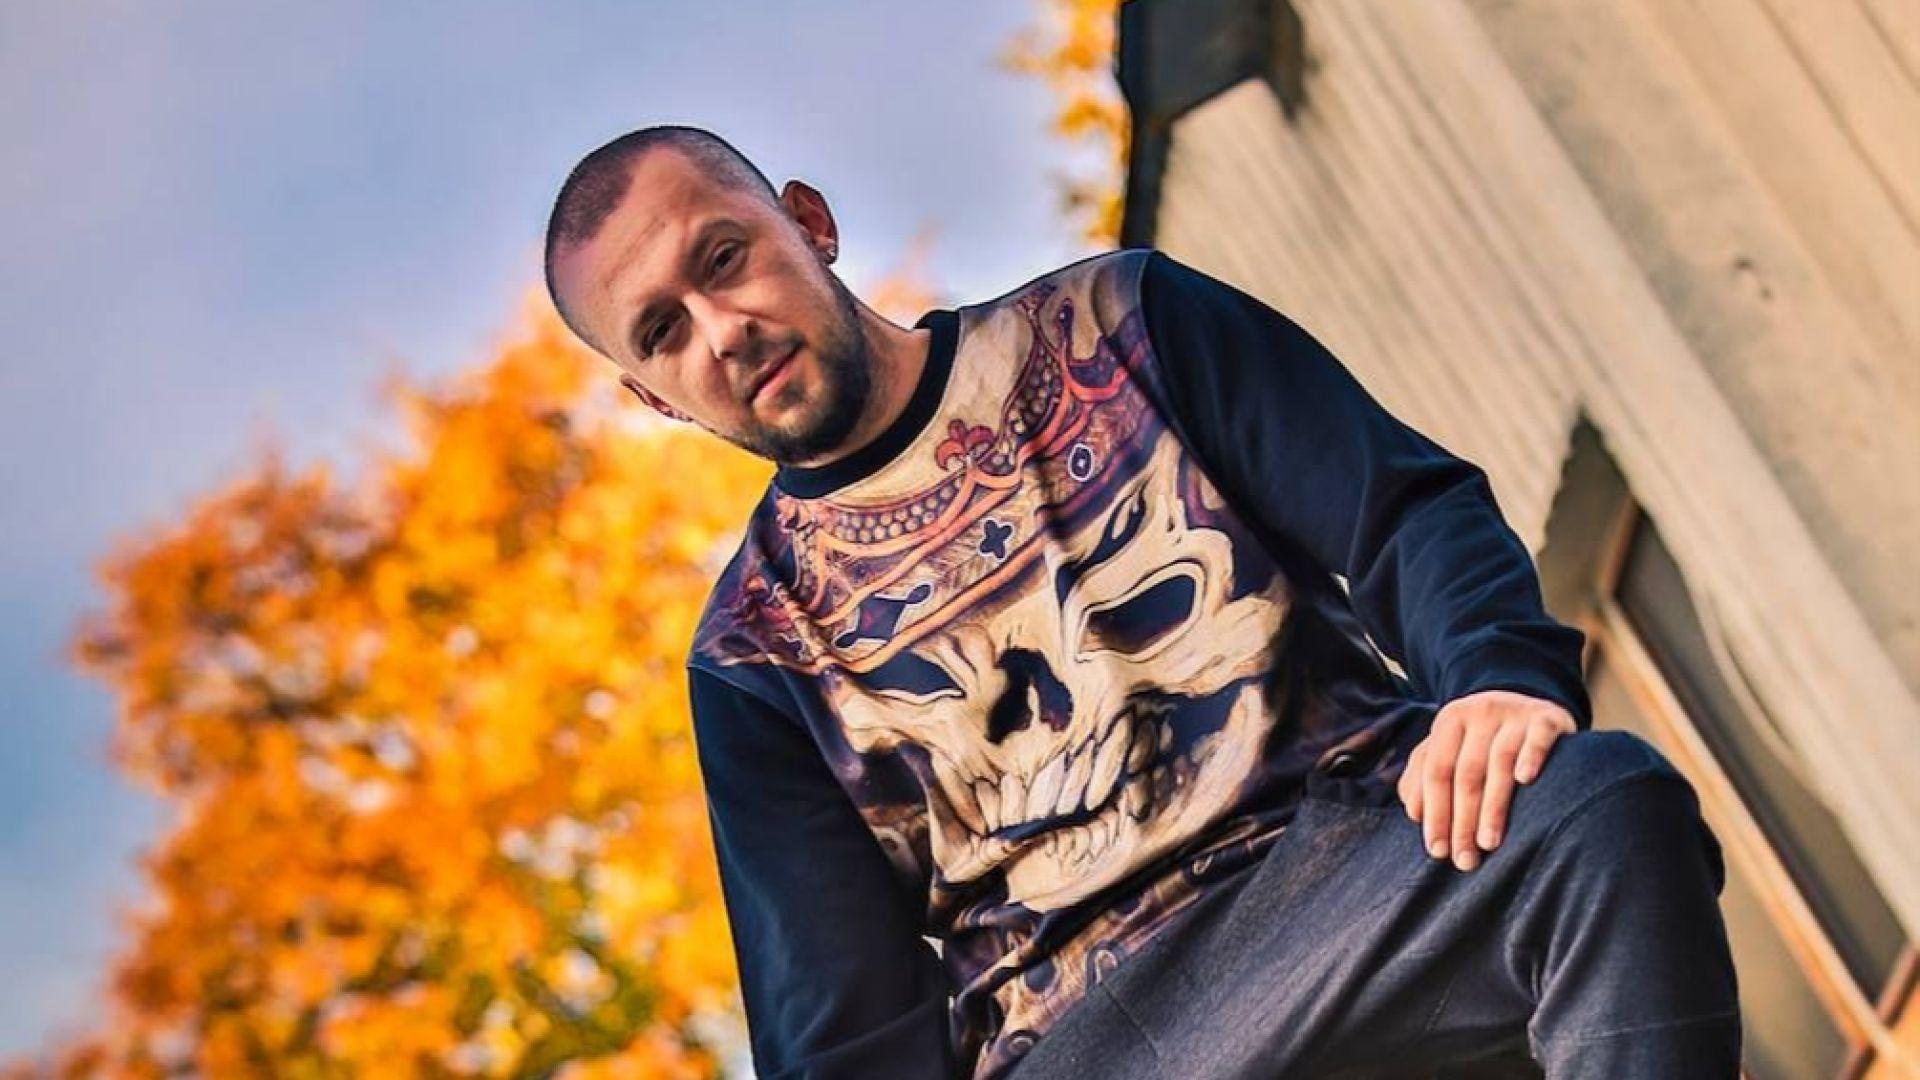 Николай Геранлиев-Герата за фестивала Goloka: България е богата на талантливи хип-хоп артисти